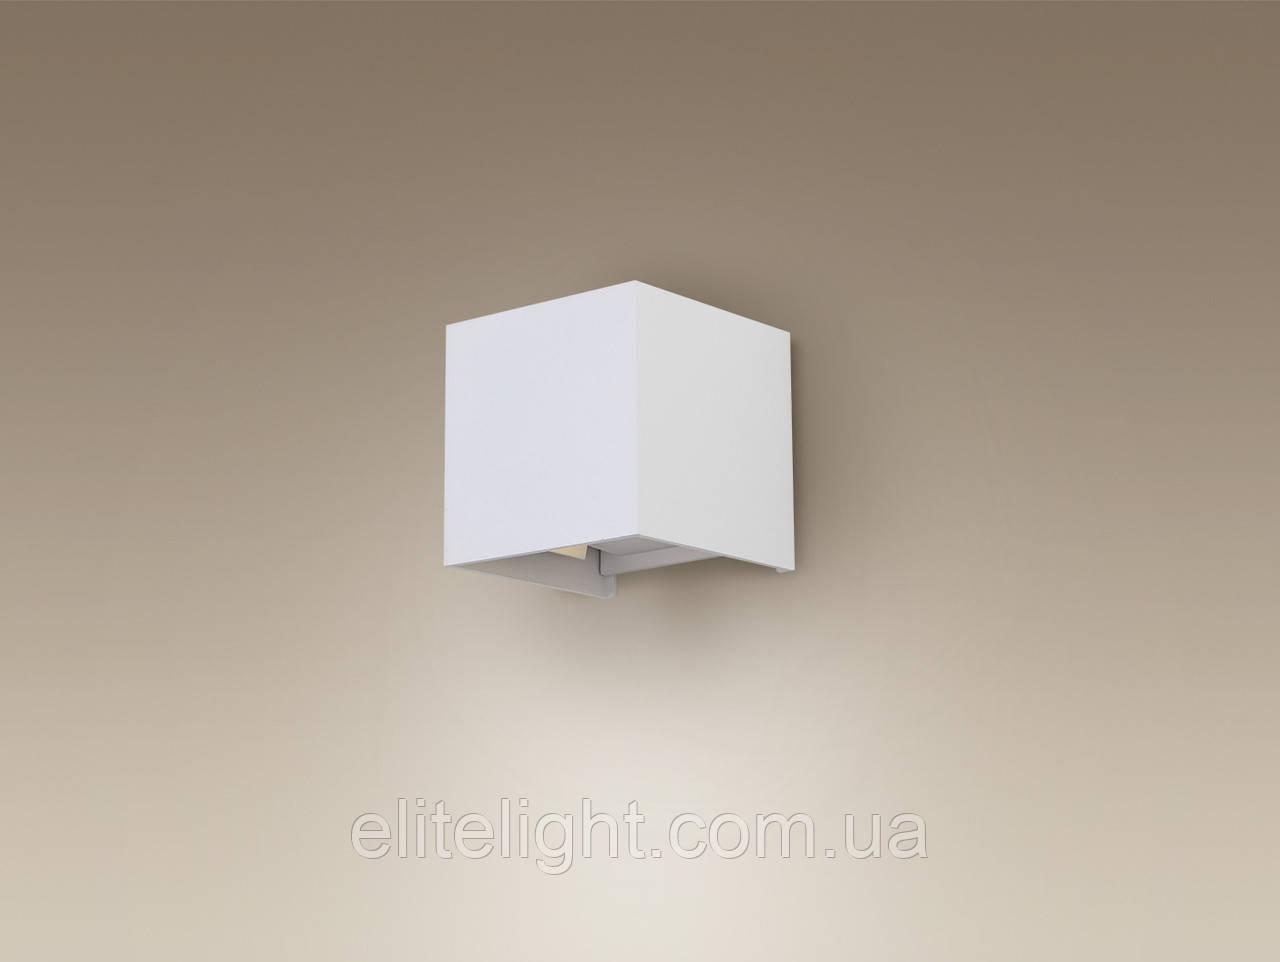 Настенный светильник Maxlight Mix W0154